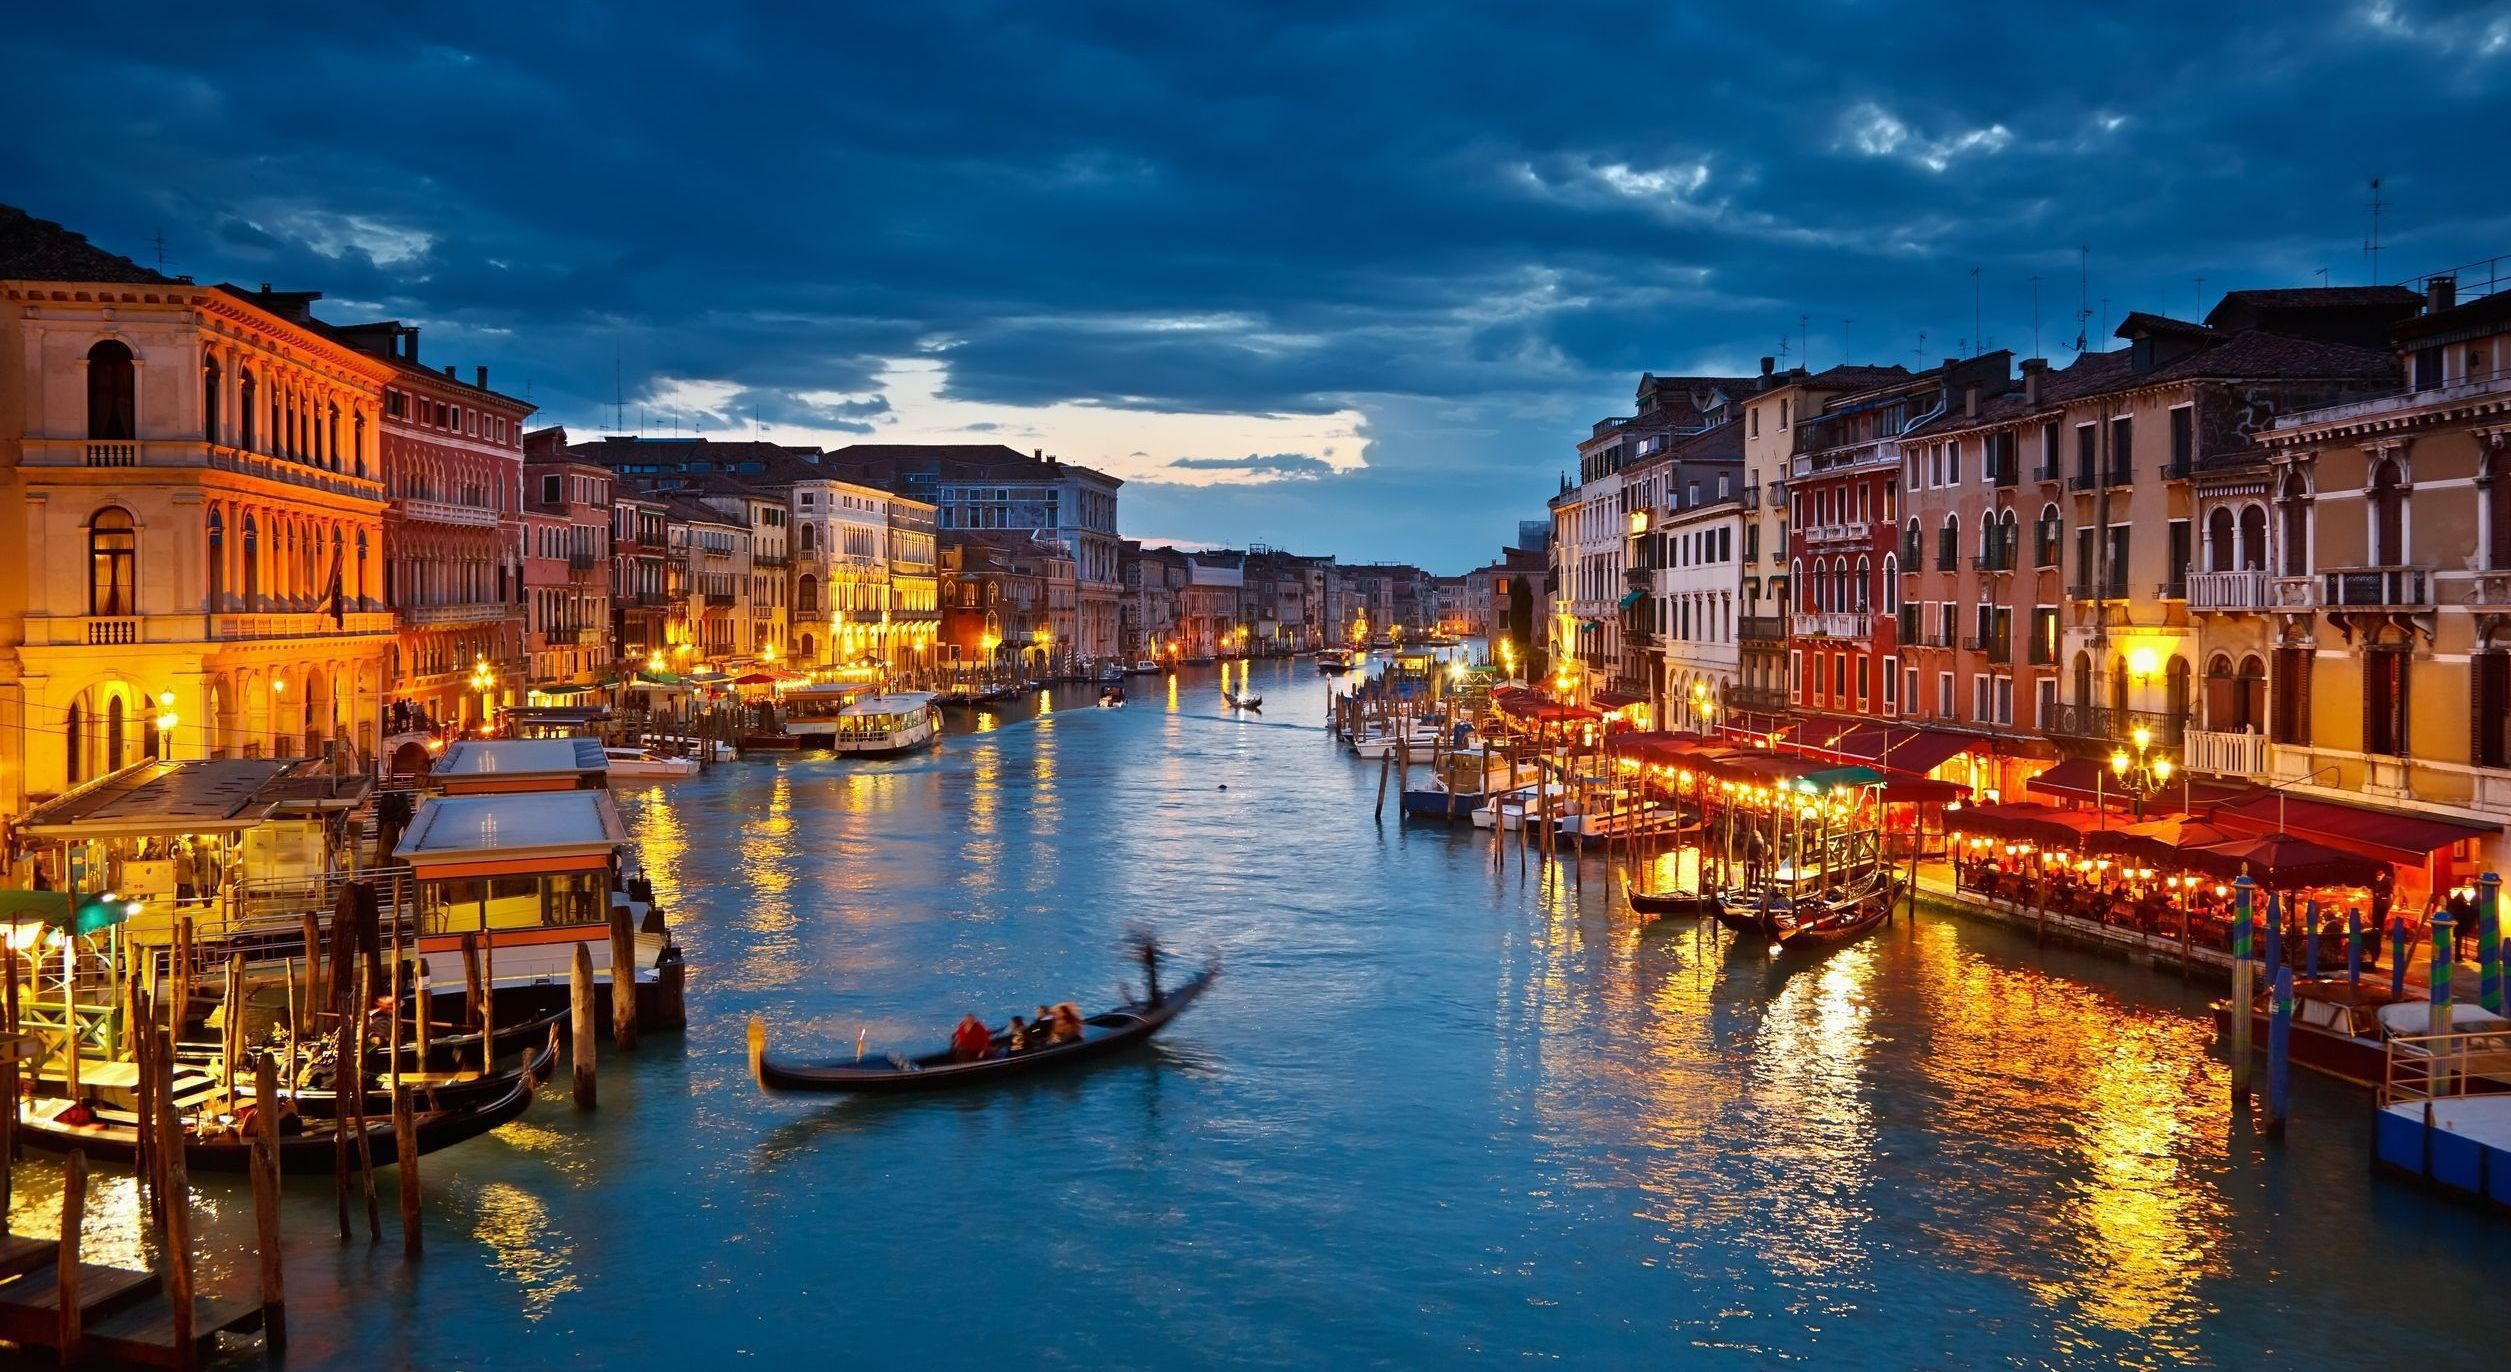 Venice Desktop